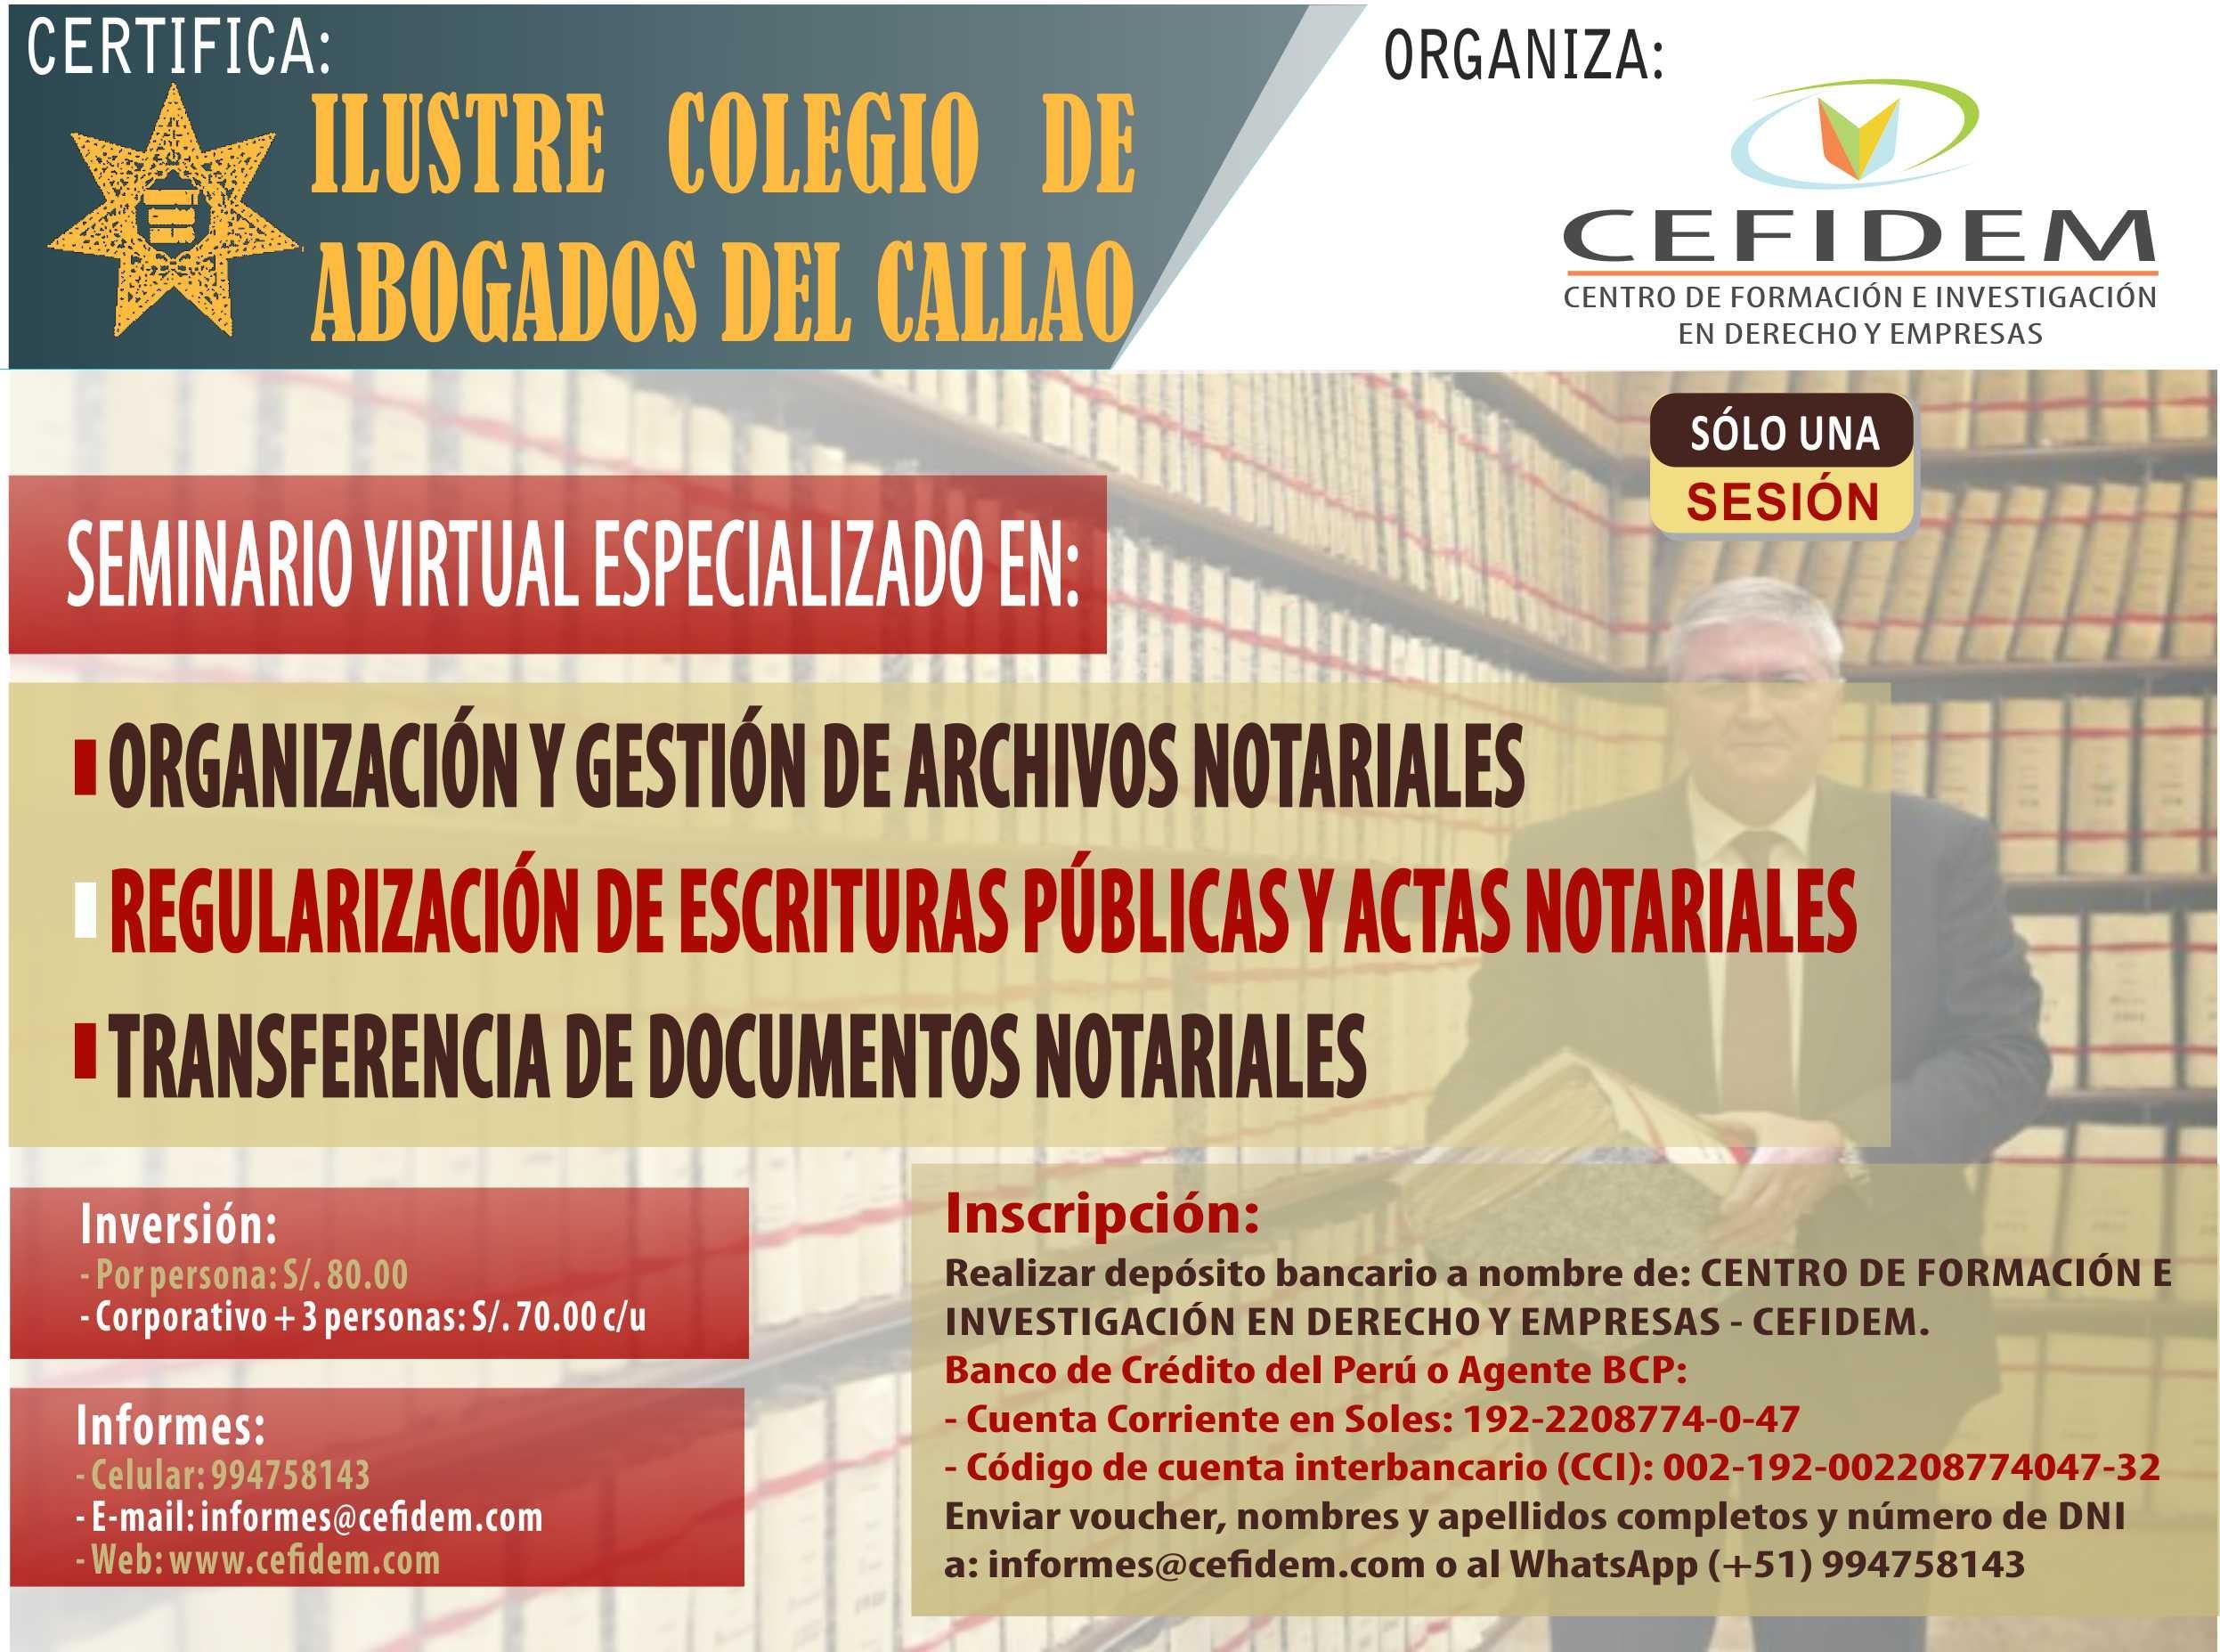 Seminario virtual: ORGANIZACIÓN Y GESTIÓN DE ARCHIVOS NOTARIALES, REGULARIZACIÓN DE ESCRITURAS Y TRANSFERENCIA DE DOCUMENTOS NOTARIALES (inscríbete)